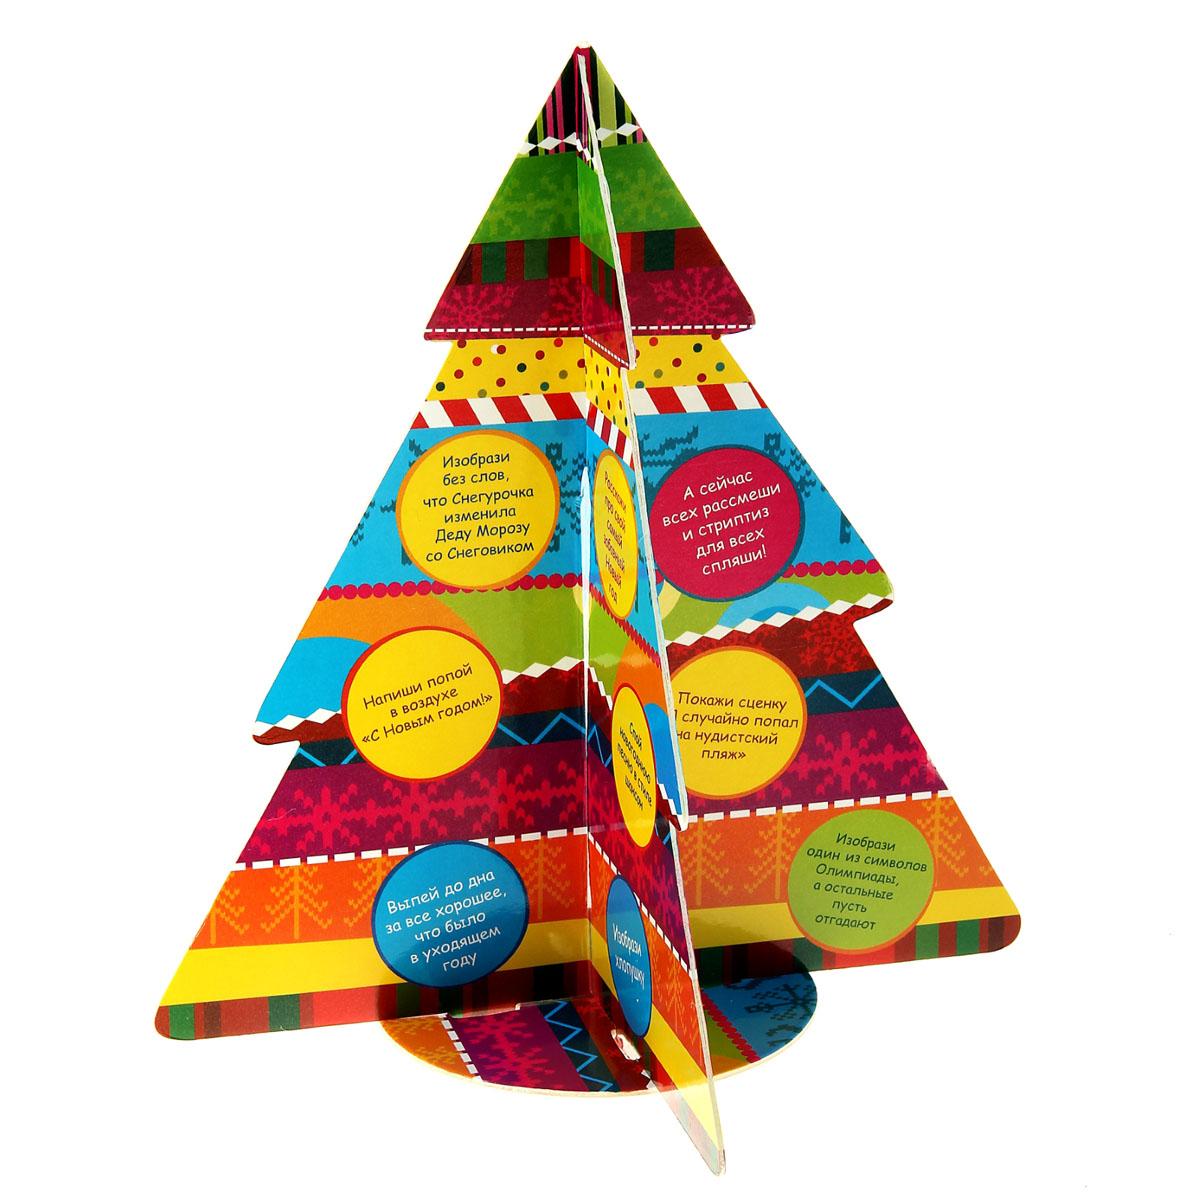 Украшение новогоднее Sima-land Елка со стикерами. Веселые фанты, высота 22,2 см813547Украшение новогоднее Sima-land Елка со стикерами. Веселые фанты гармонично впишется впраздничный интерьервашего дома или офиса. Украшение состоит из трех деталей, выполненных из плотного картона.Новогодние украшения всегда несут в себе волшебство и красоту праздника. Создайтеатмосферу тепла, веселья и радости.